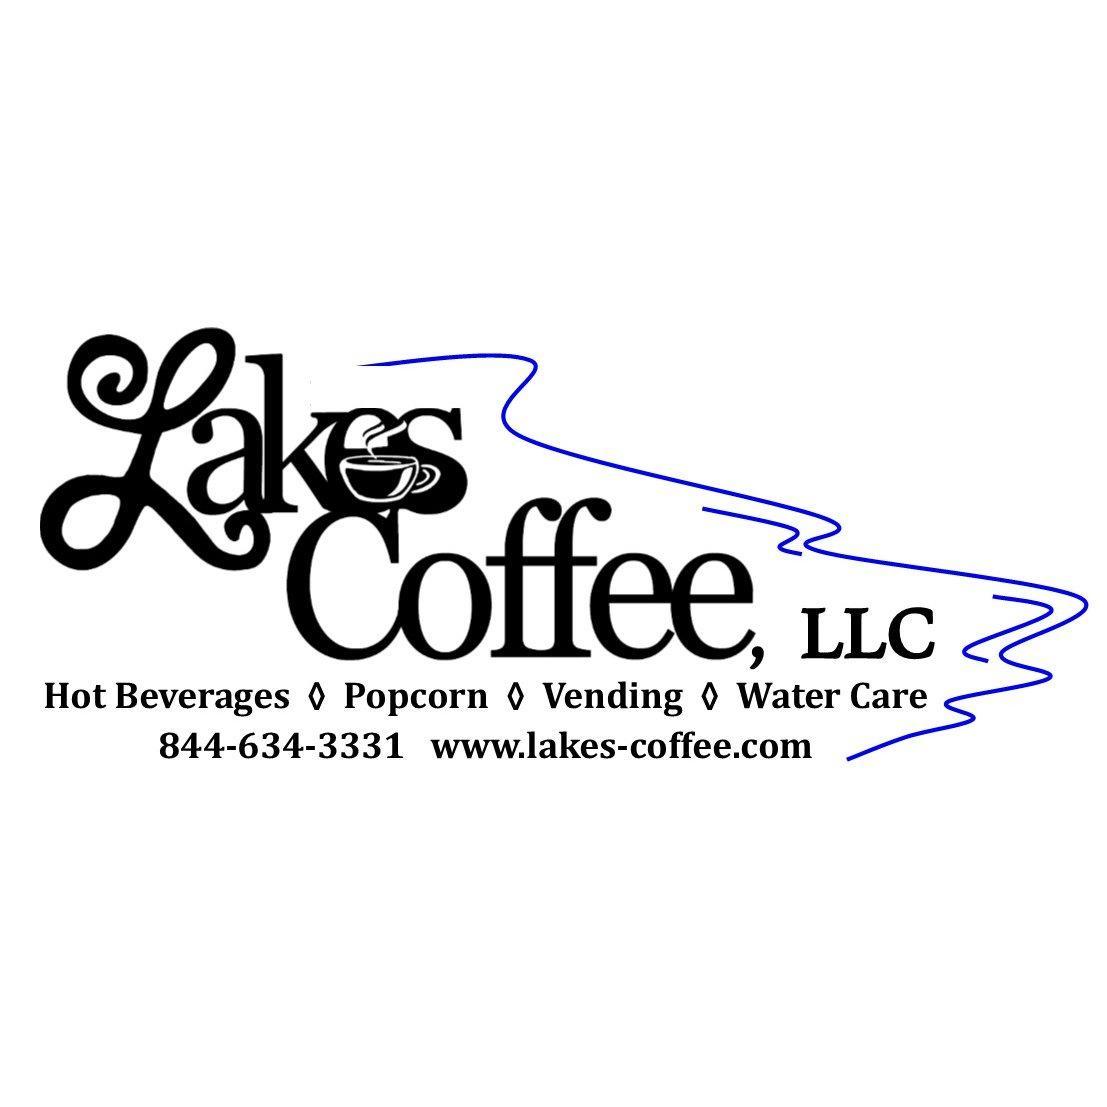 Lakes Coffee, LLC.